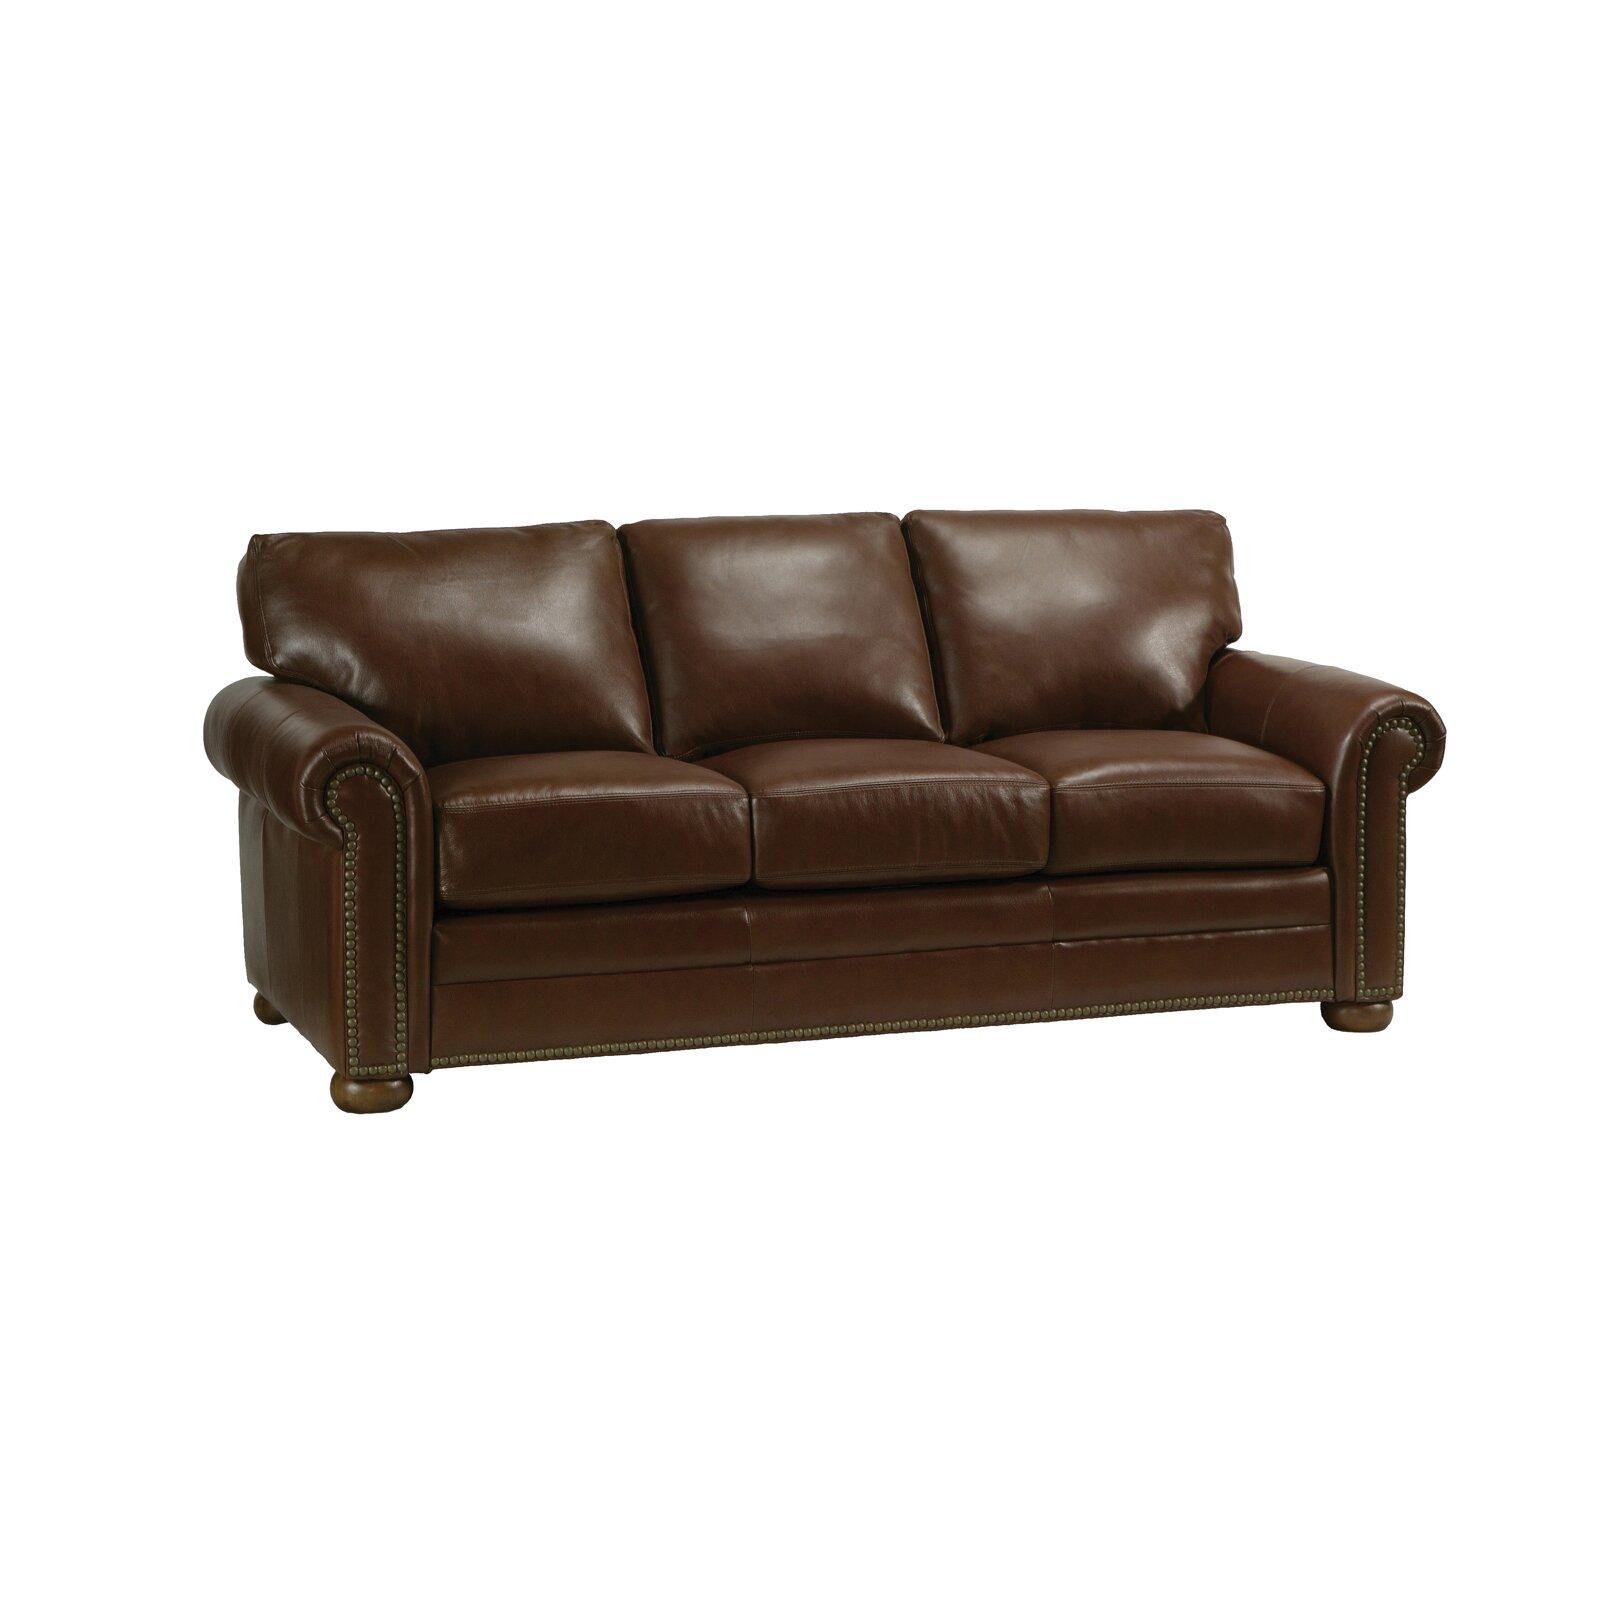 Savannah Leather Sofa Wayfair